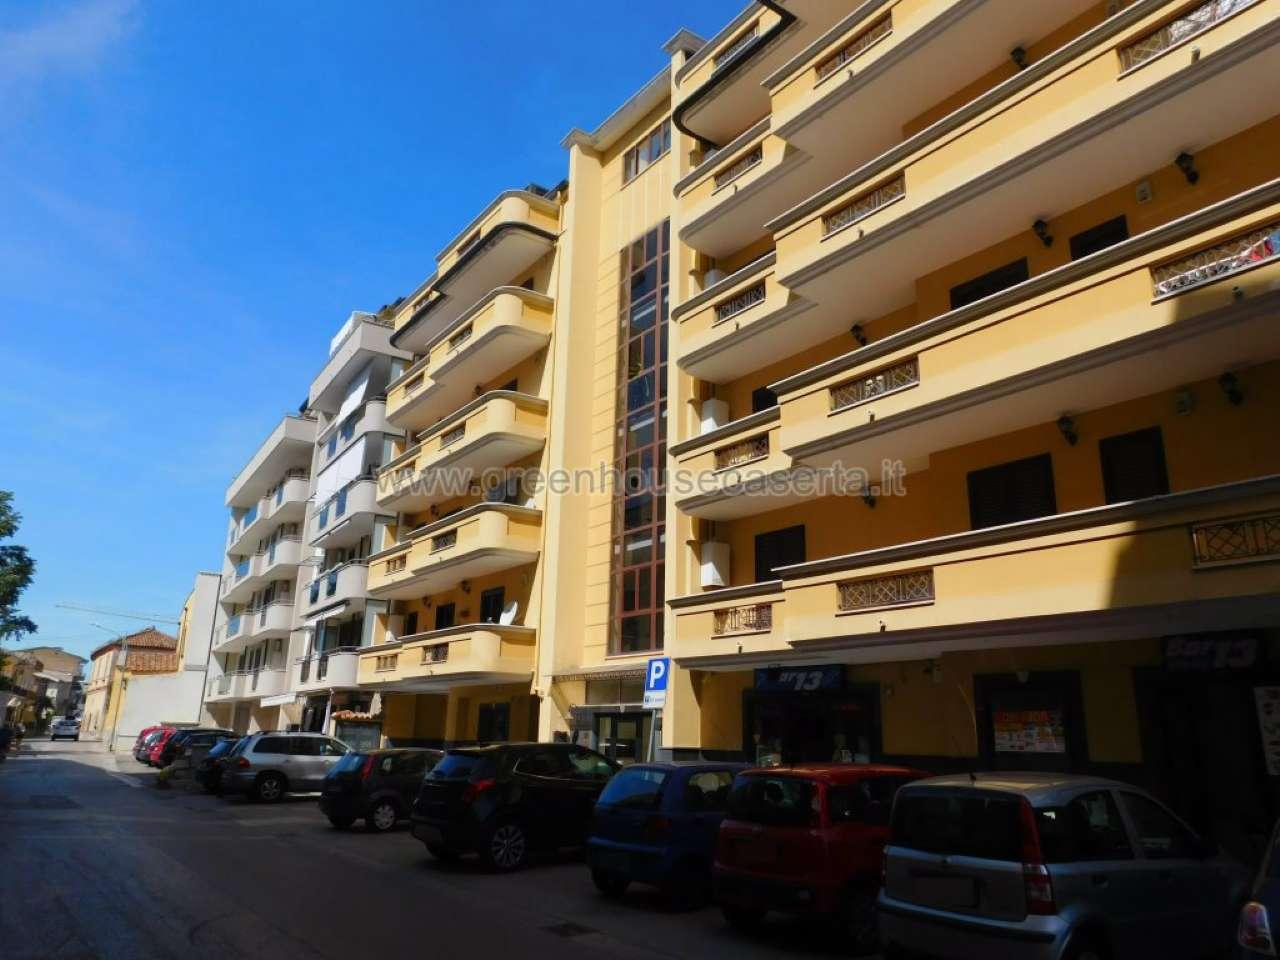 locale commerciale di recente costruzione Rif. 7860976